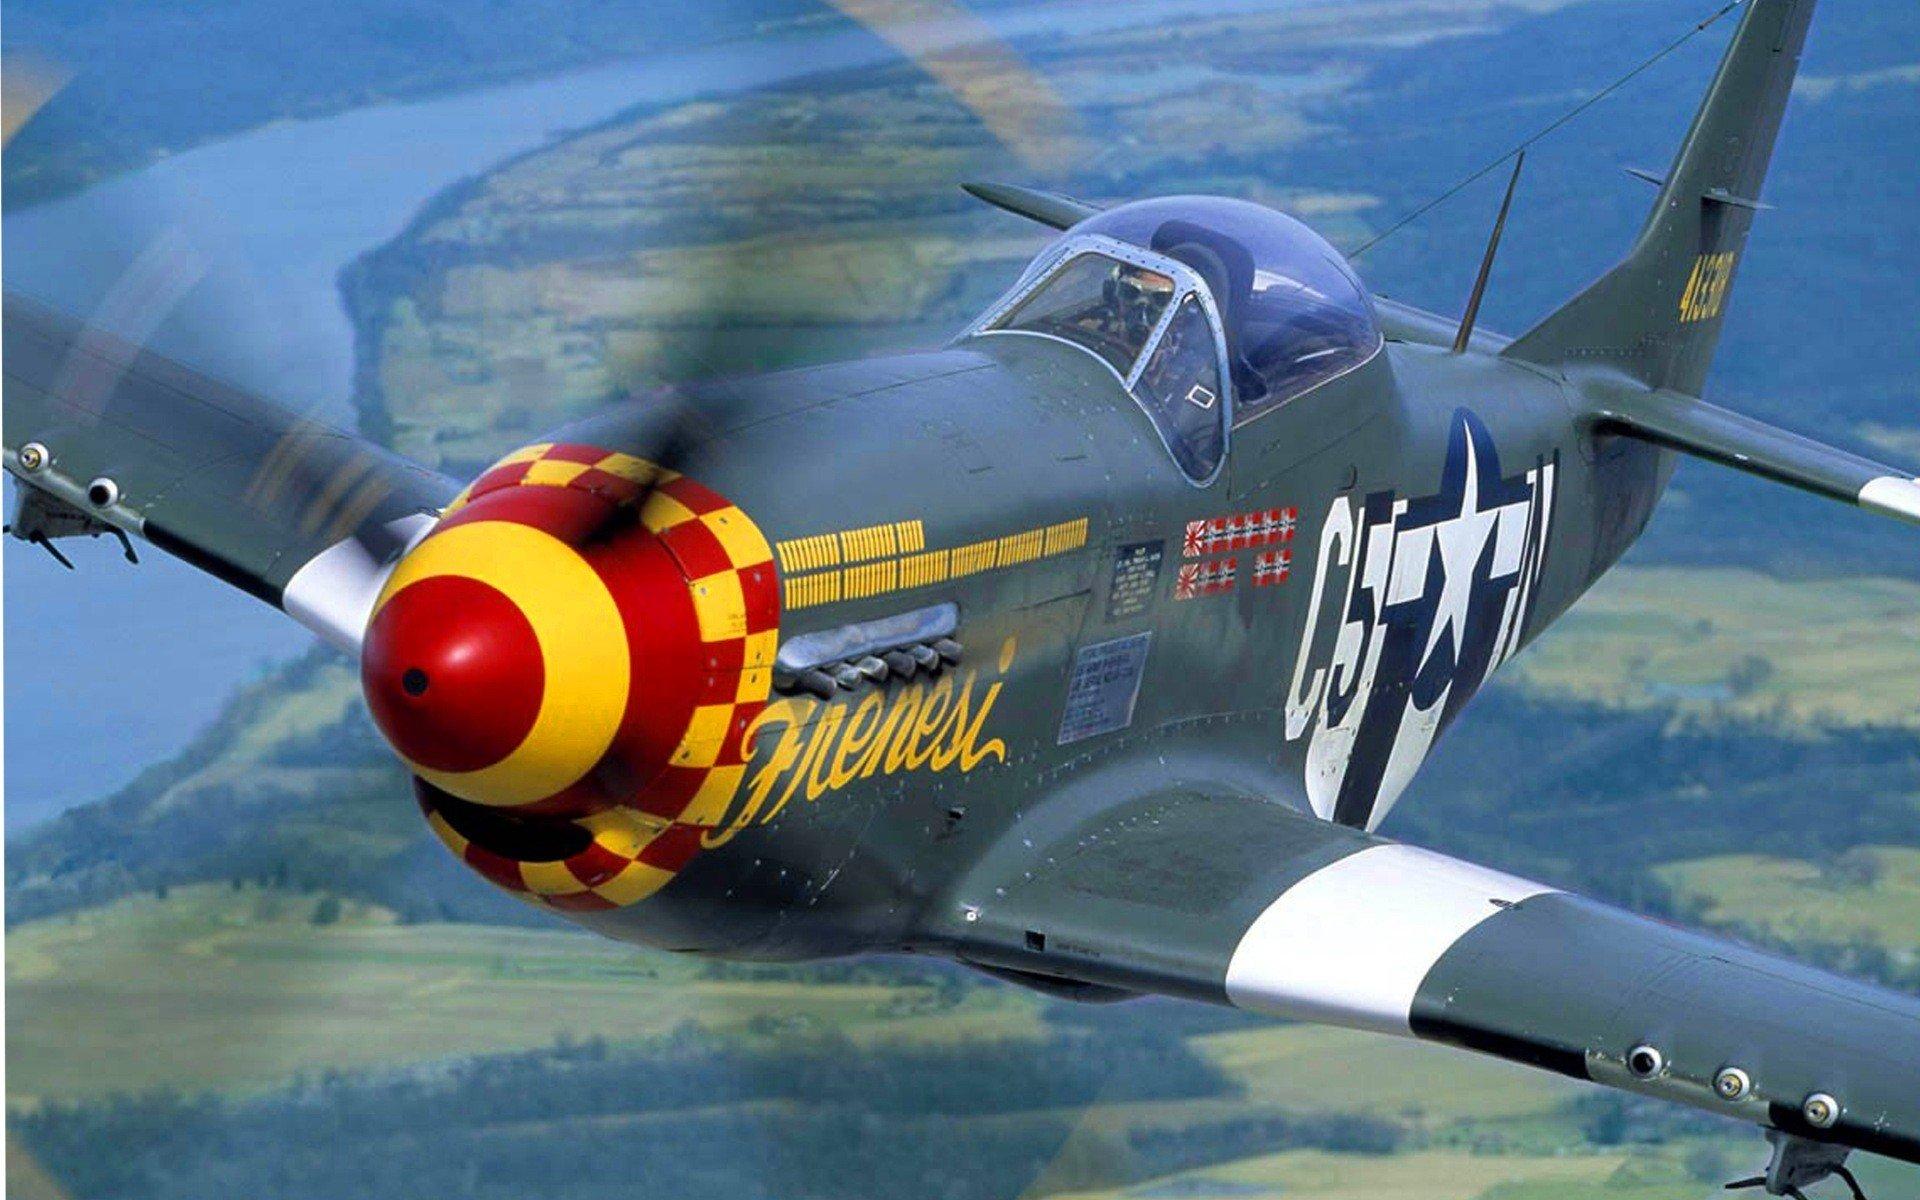 Aircraft P 51 Mustang Wallpaper 1920x1200 240745 Wallpaperup